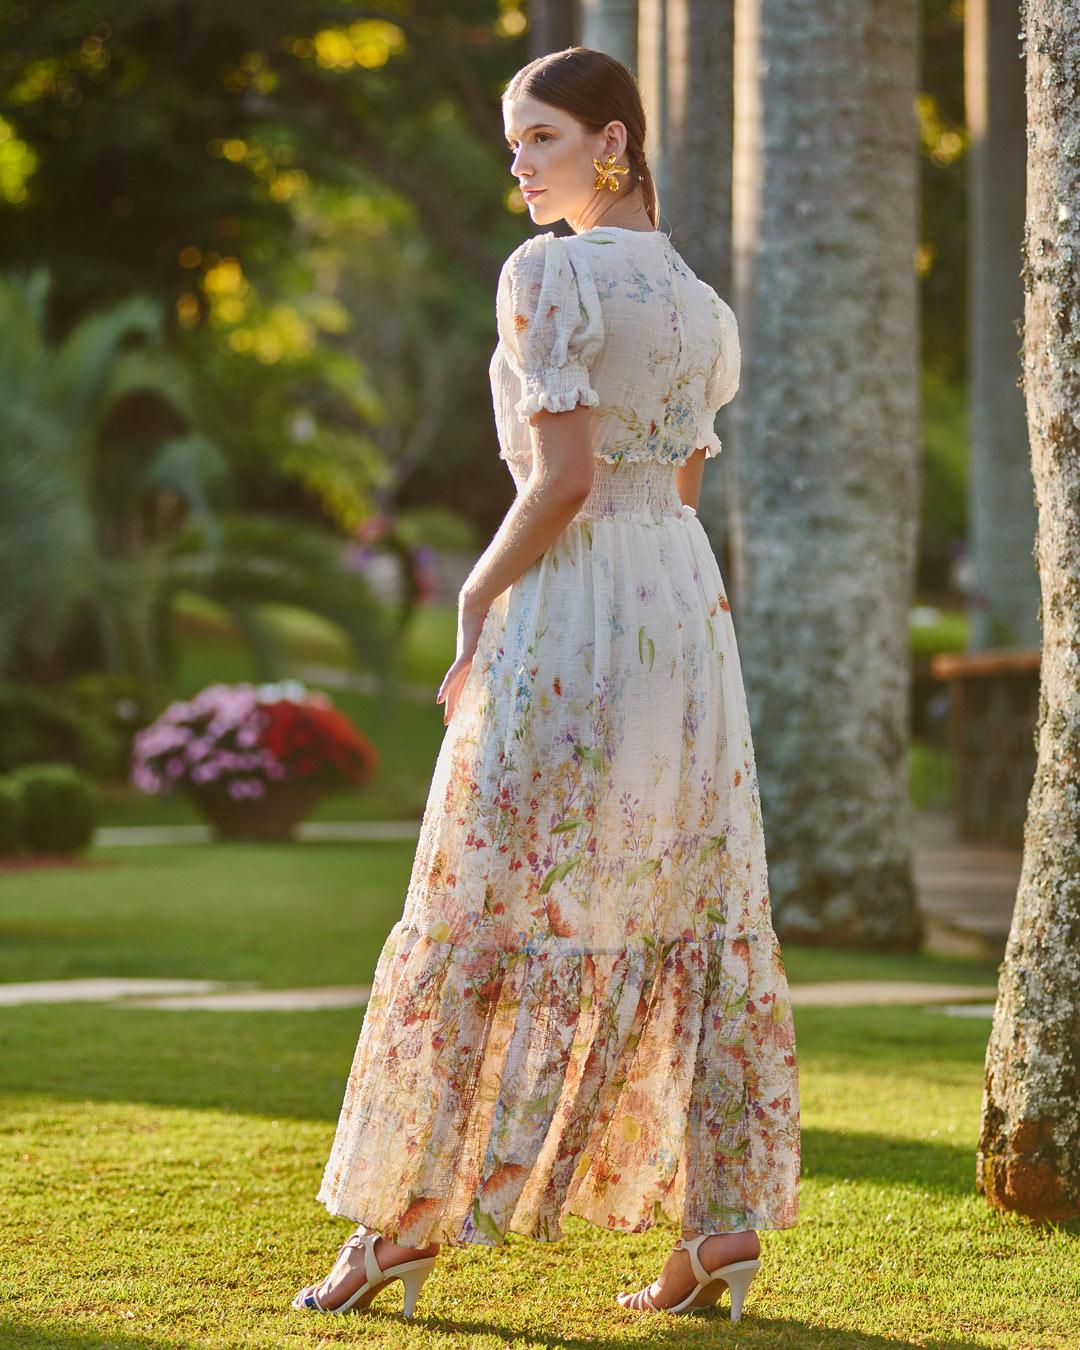 Vestido estampa garden crepe crushed com manguinhas